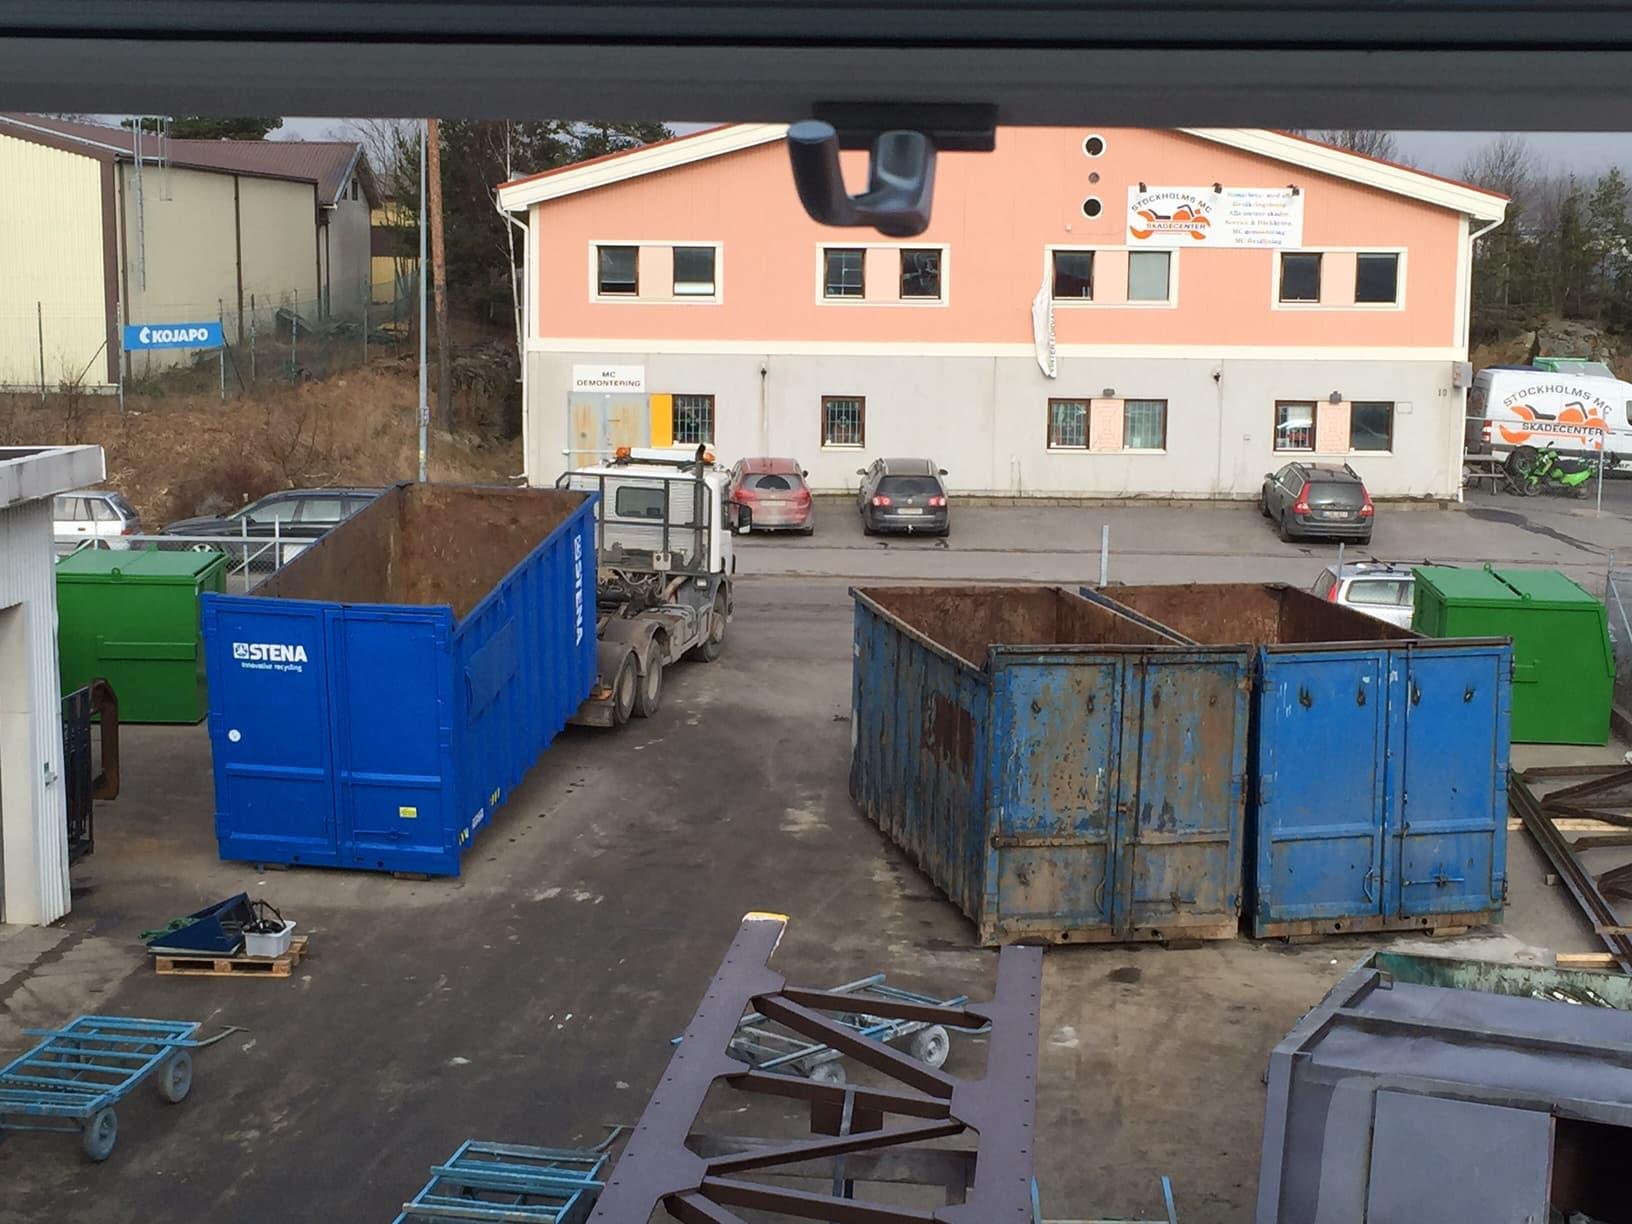 Verkstad allblästring blästring rostskyddsmålning containers flak stena